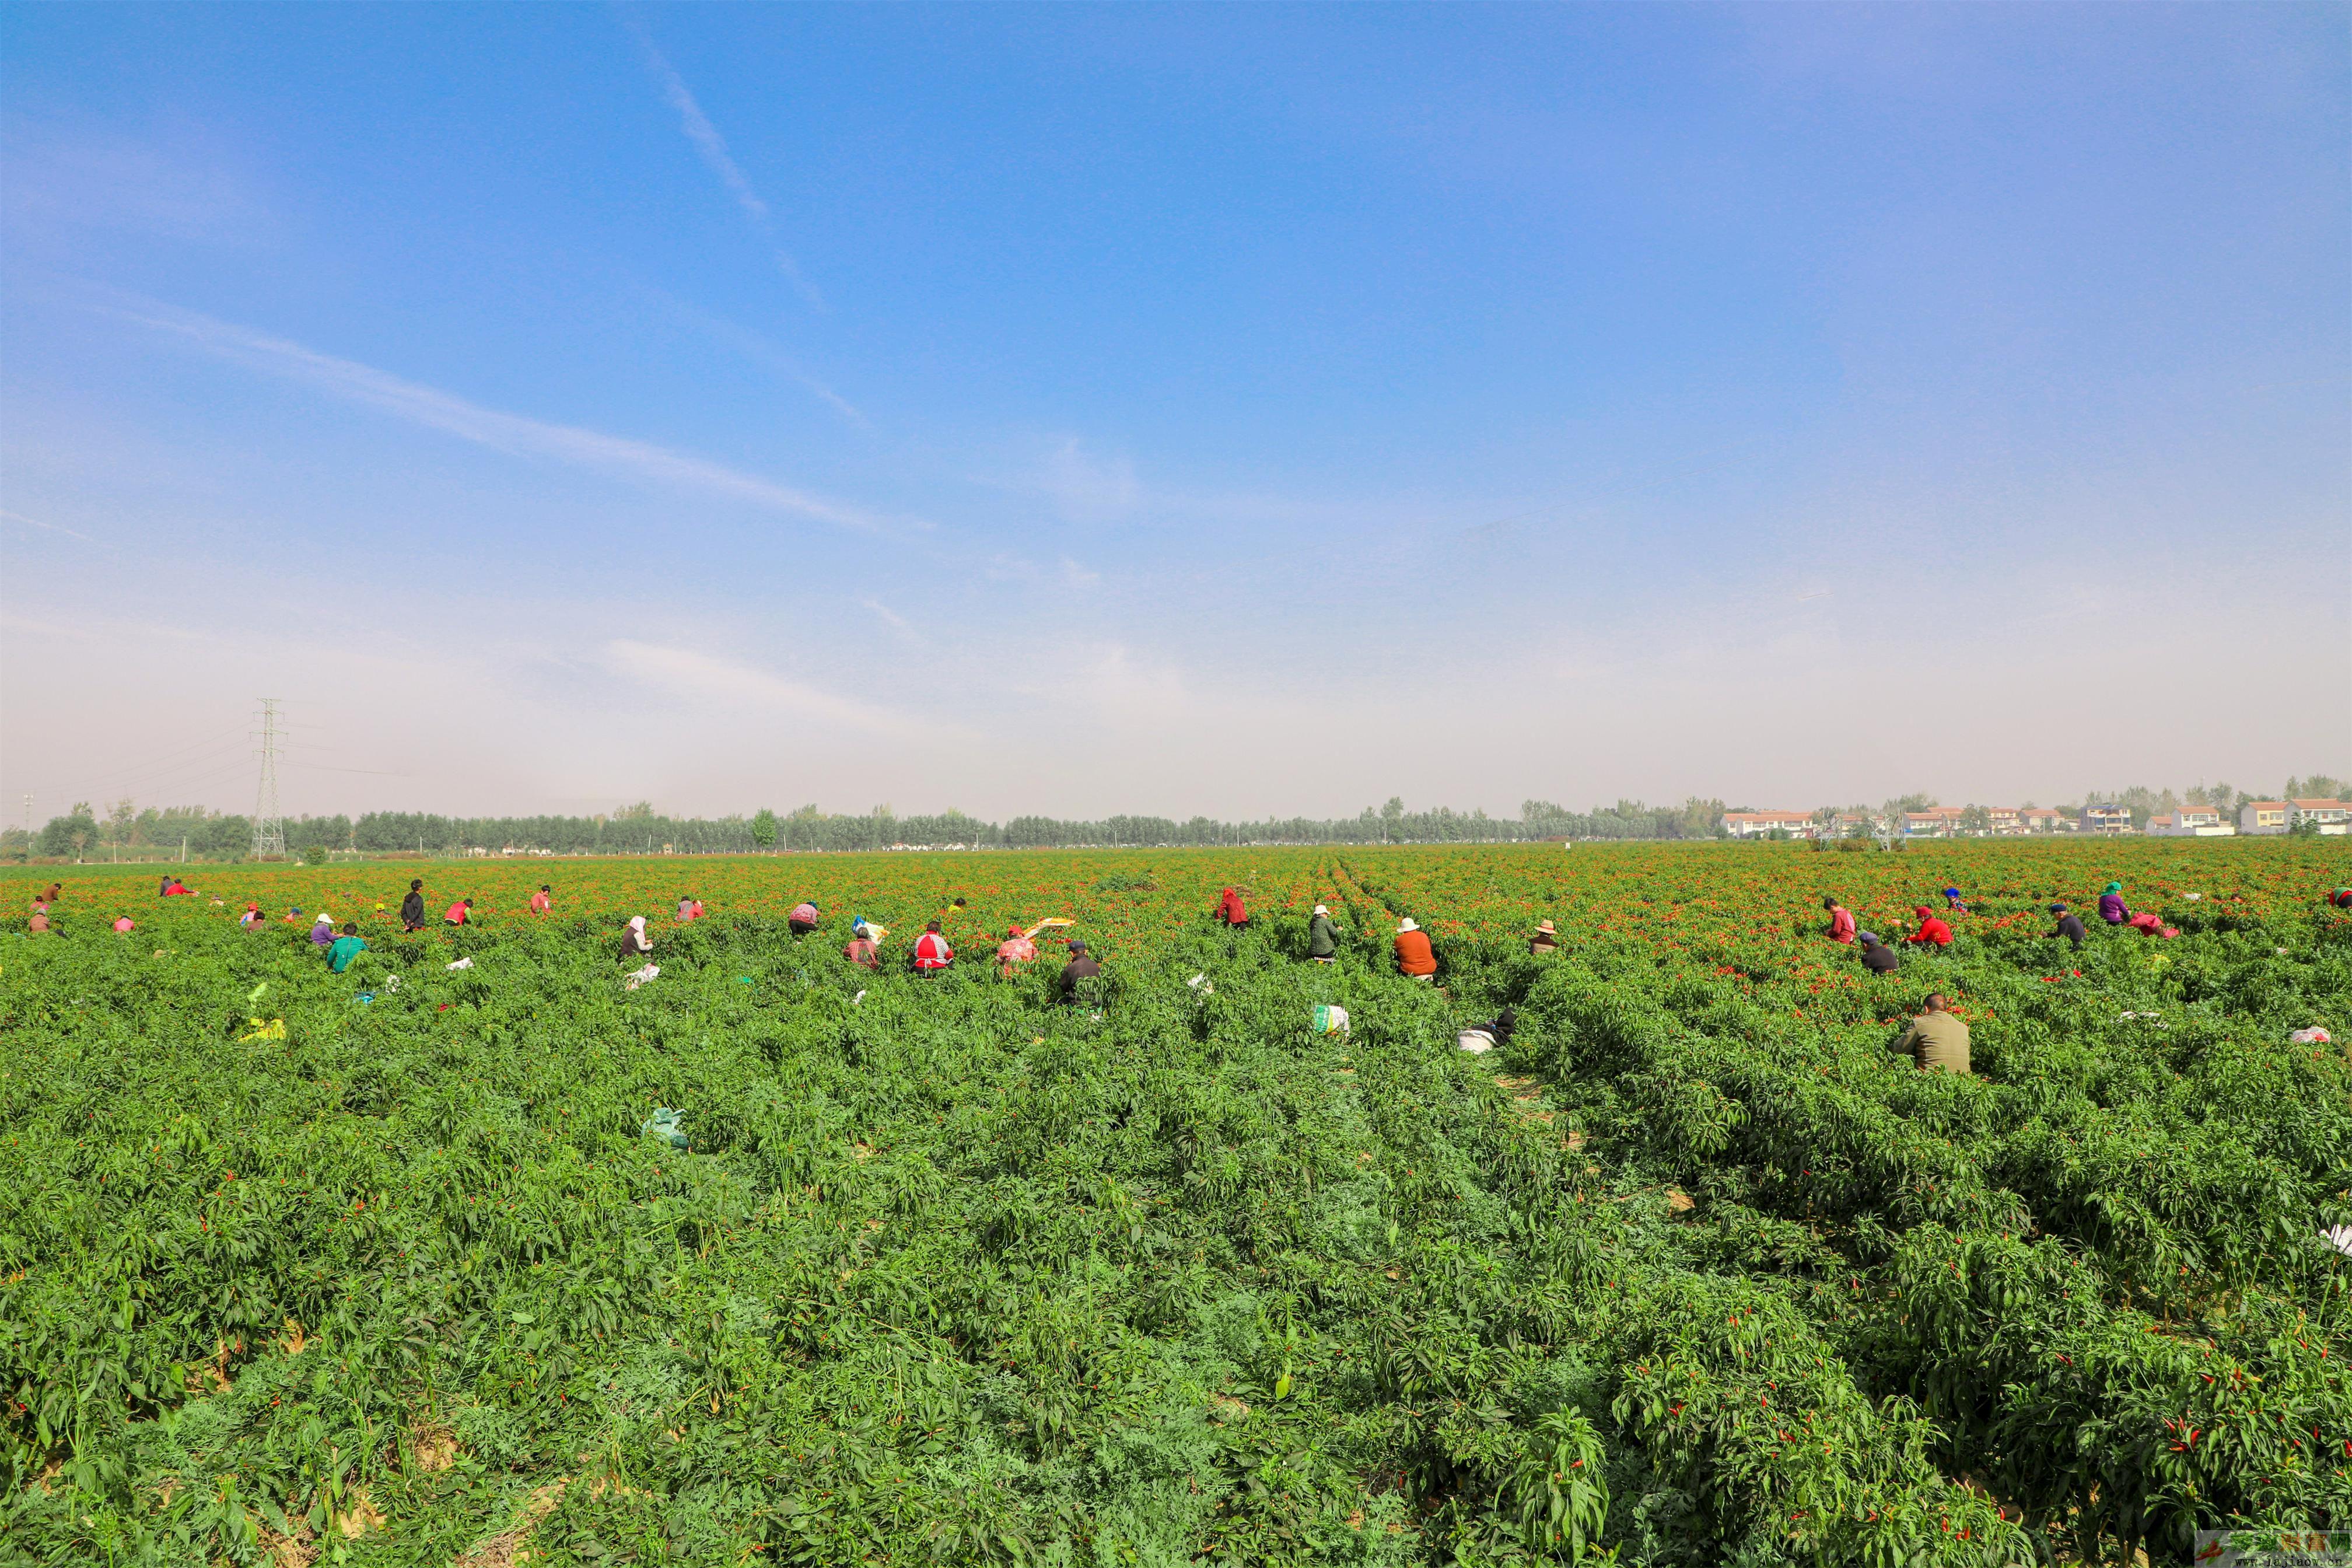 柘城辣椒入选中国农业品牌名录